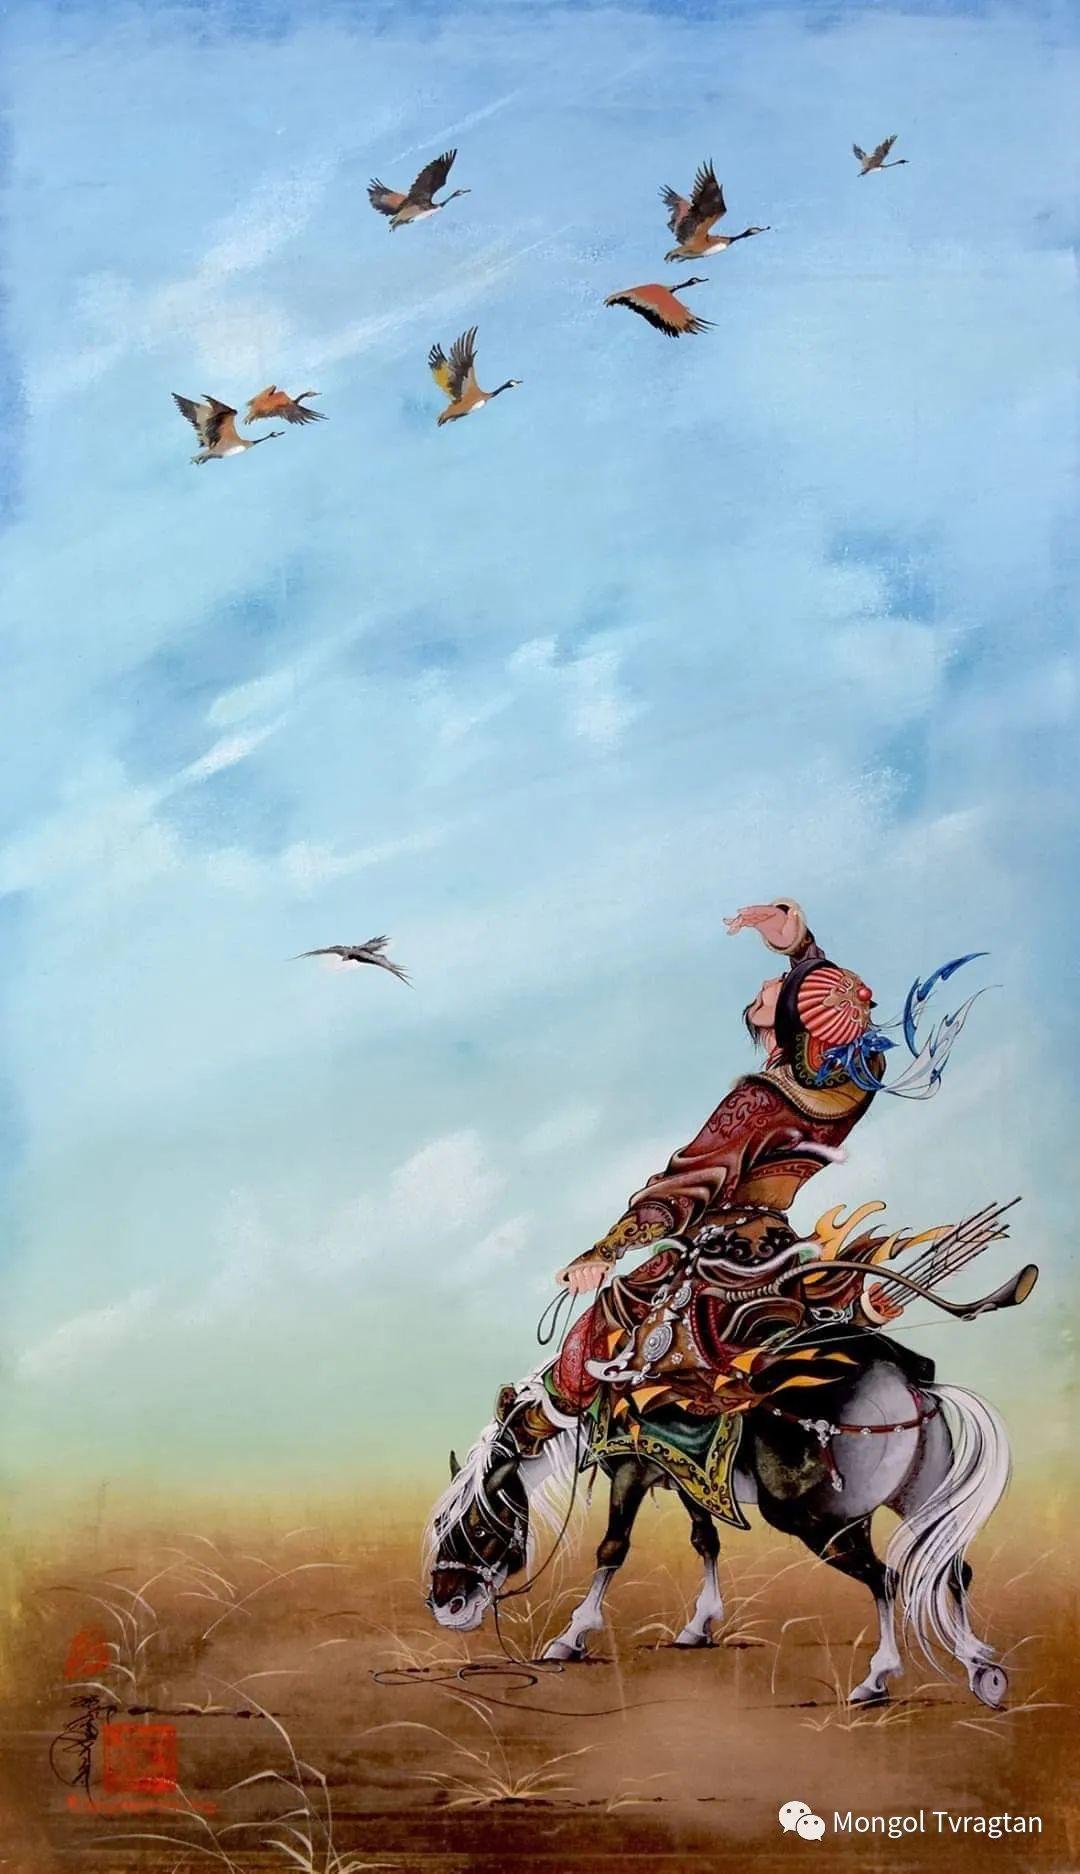 蒙古画家-- 拉哈仁亲 ᠤᠷᠠᠨ ᠵᠢᠷᠤᠭ-ᡀᠠᠭᠸᠠᠷᠢᠨᠴᠢᠨ 第1张